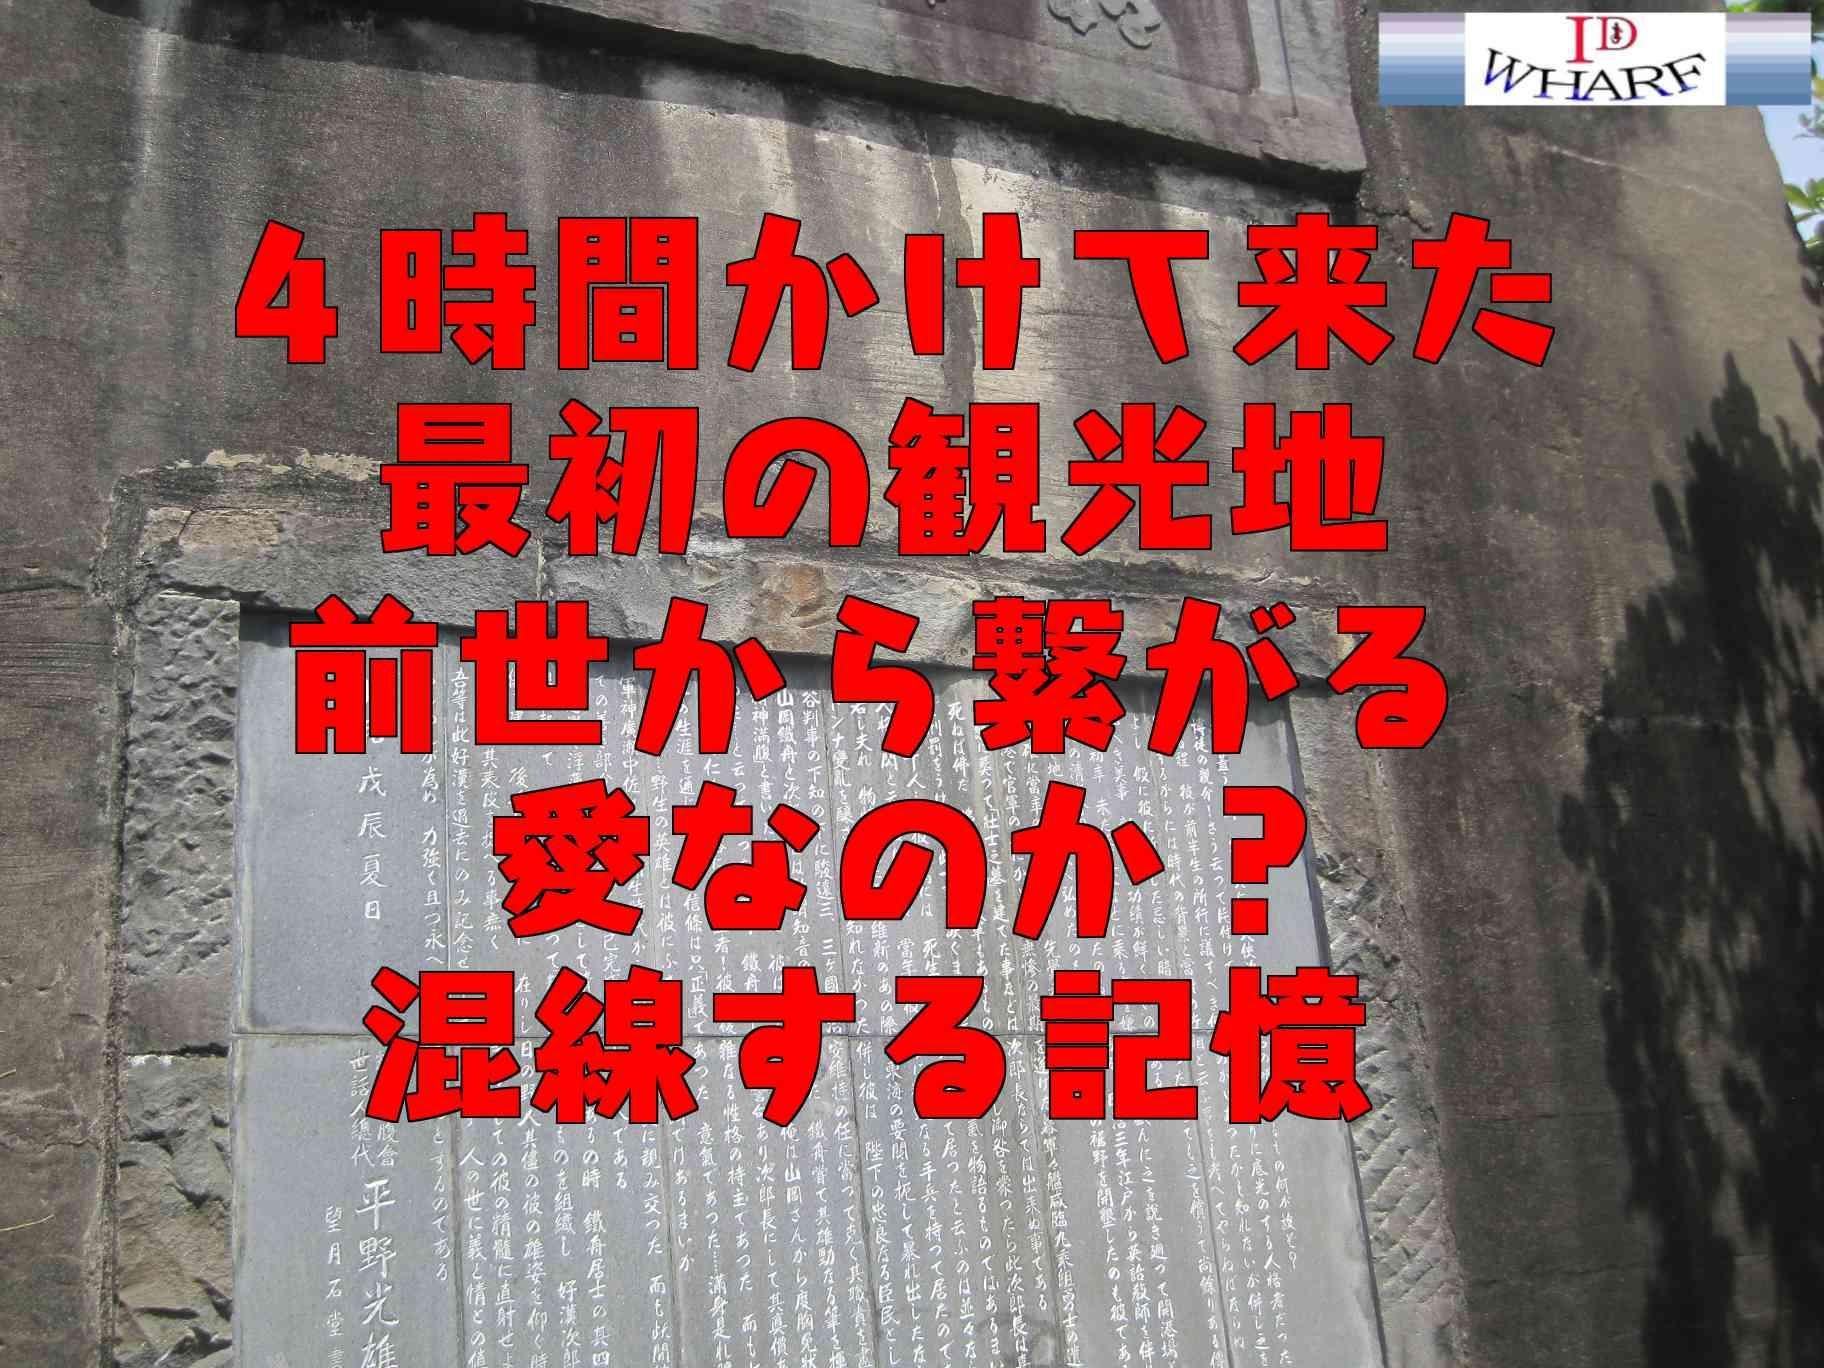 清水次郎長資料館